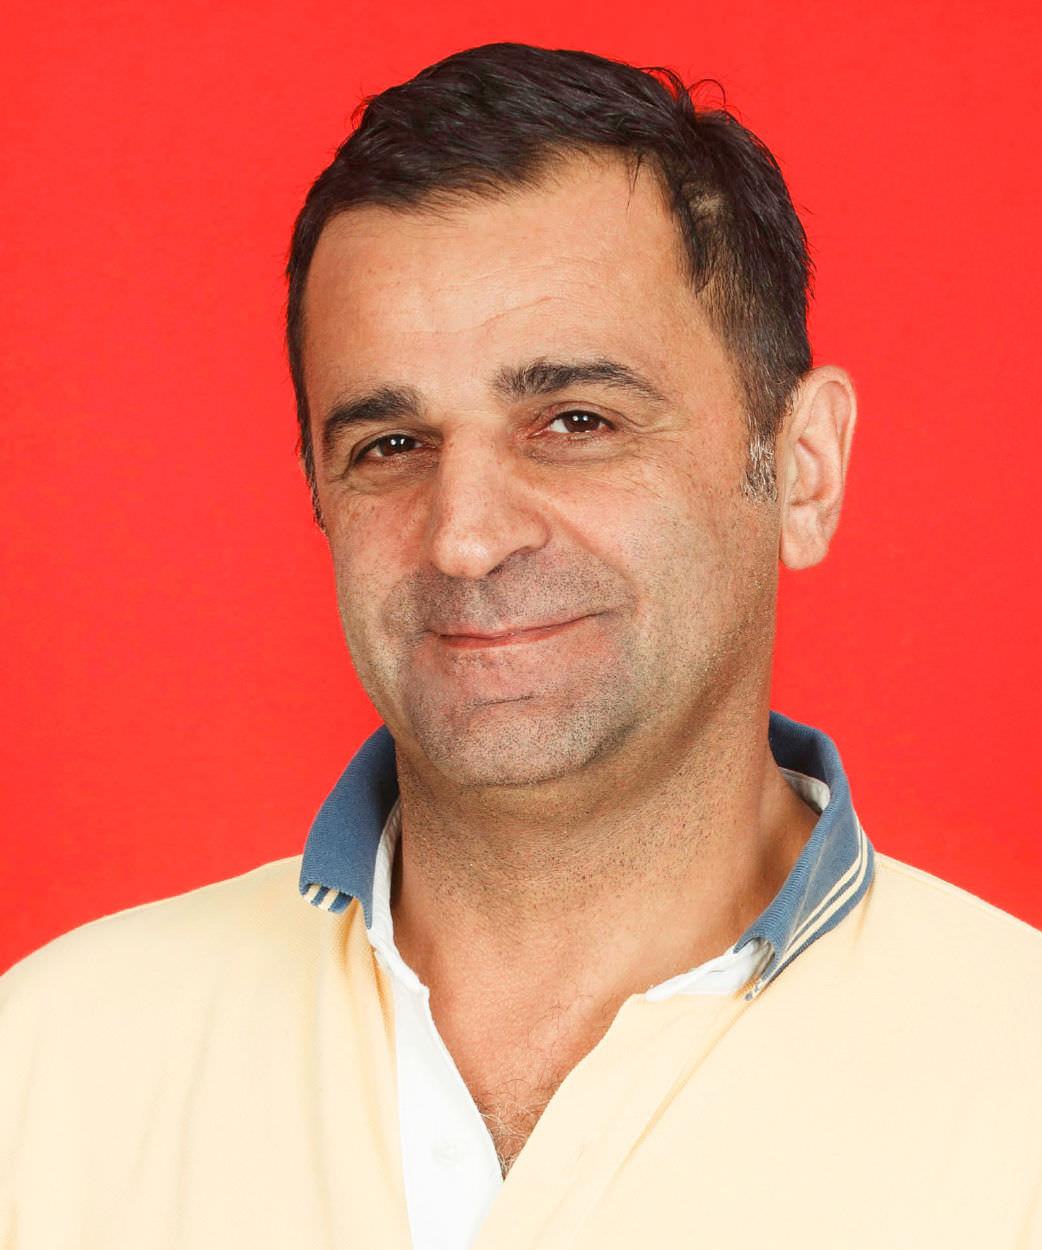 Carlo Delli Gatti